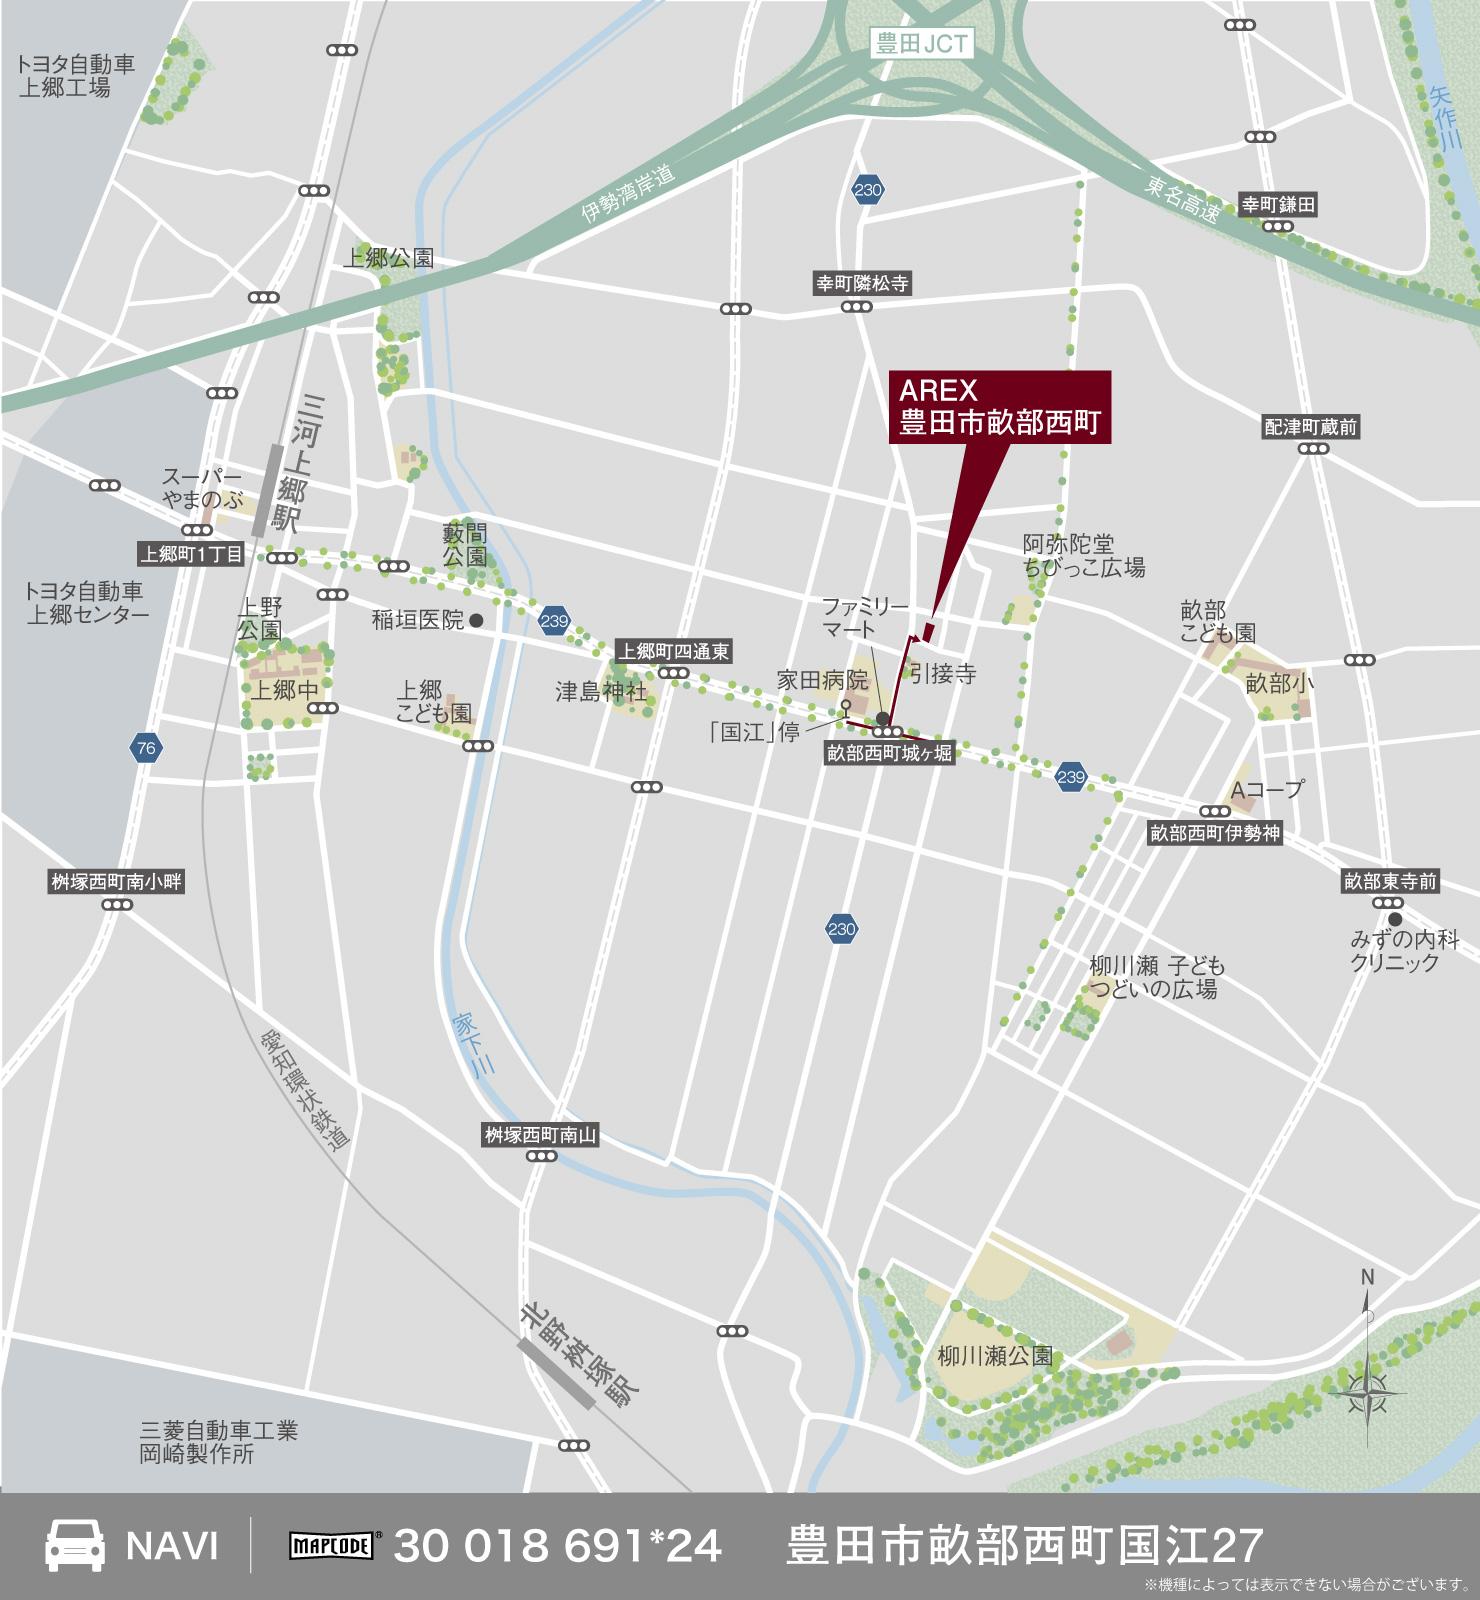 3_地図_豊田市畝部西町